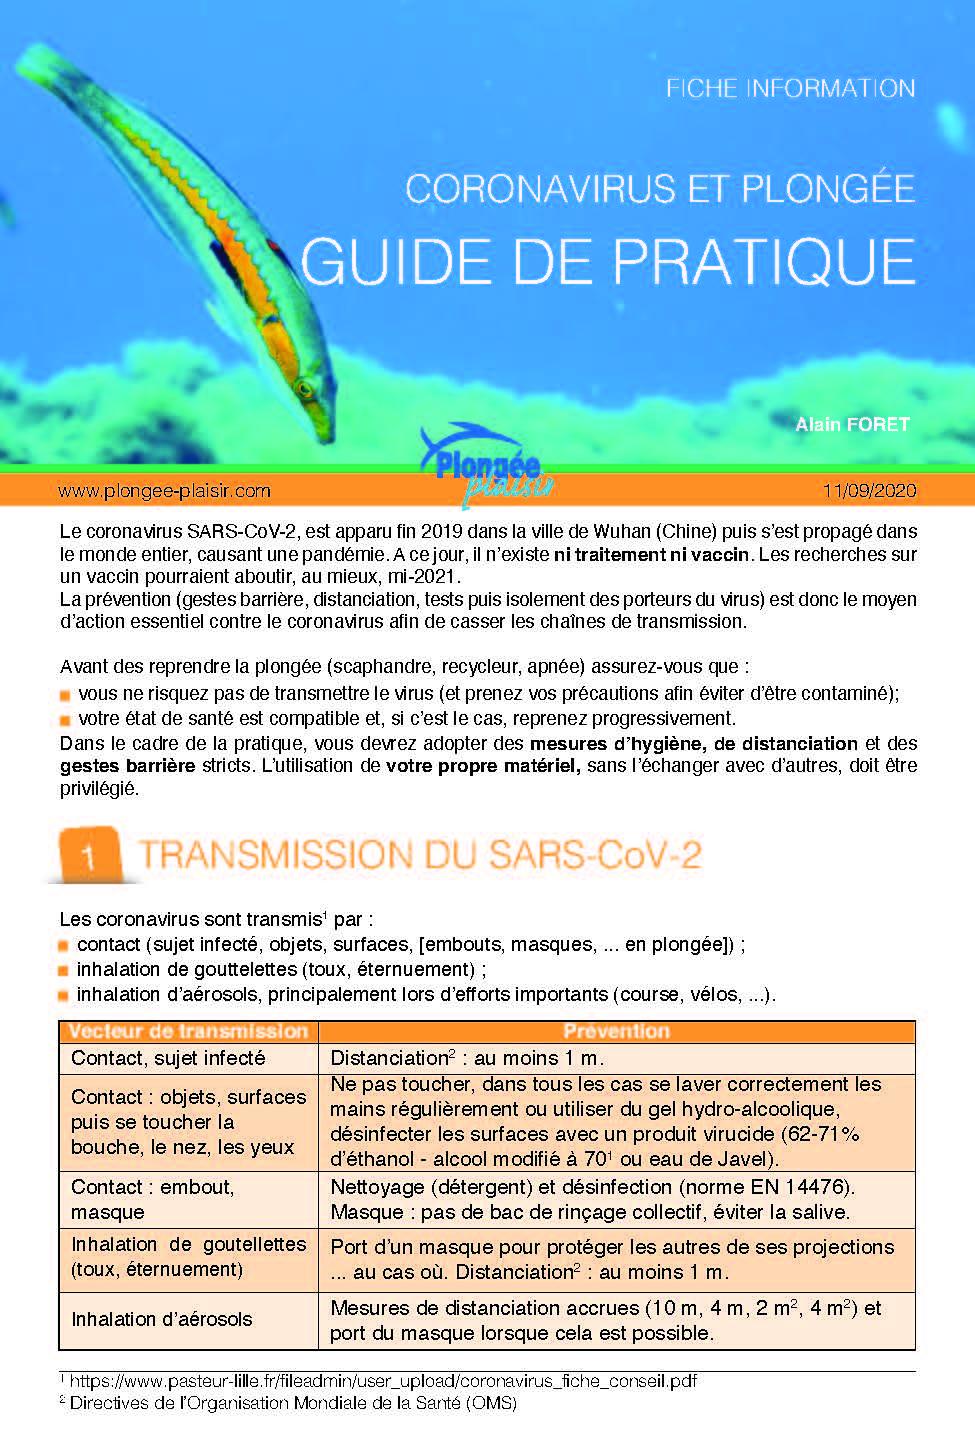 plongee-plaisir-guide-de-pratique-coronavirus-11-09-2020-2_Page_01-1